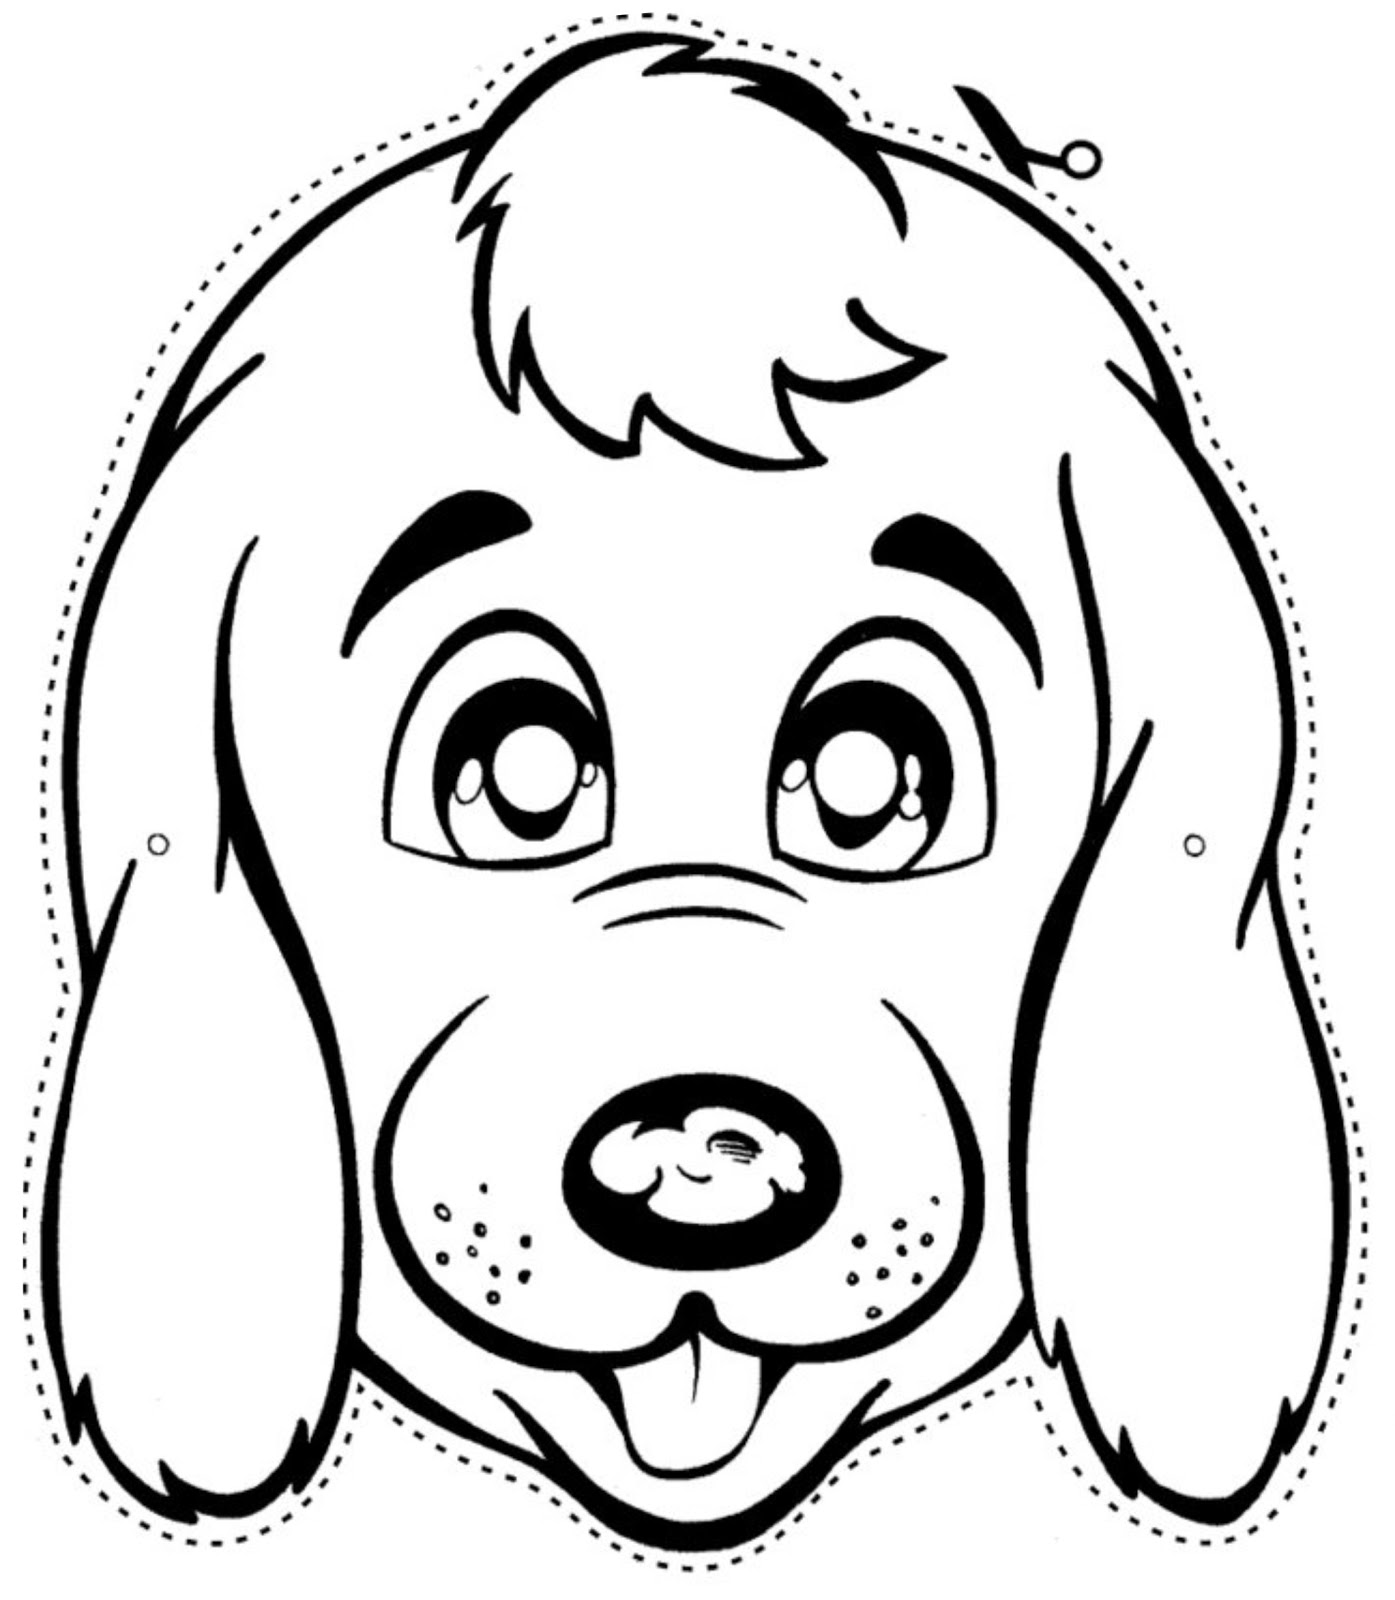 imagens de cachorrinhos para imprimir e colorir